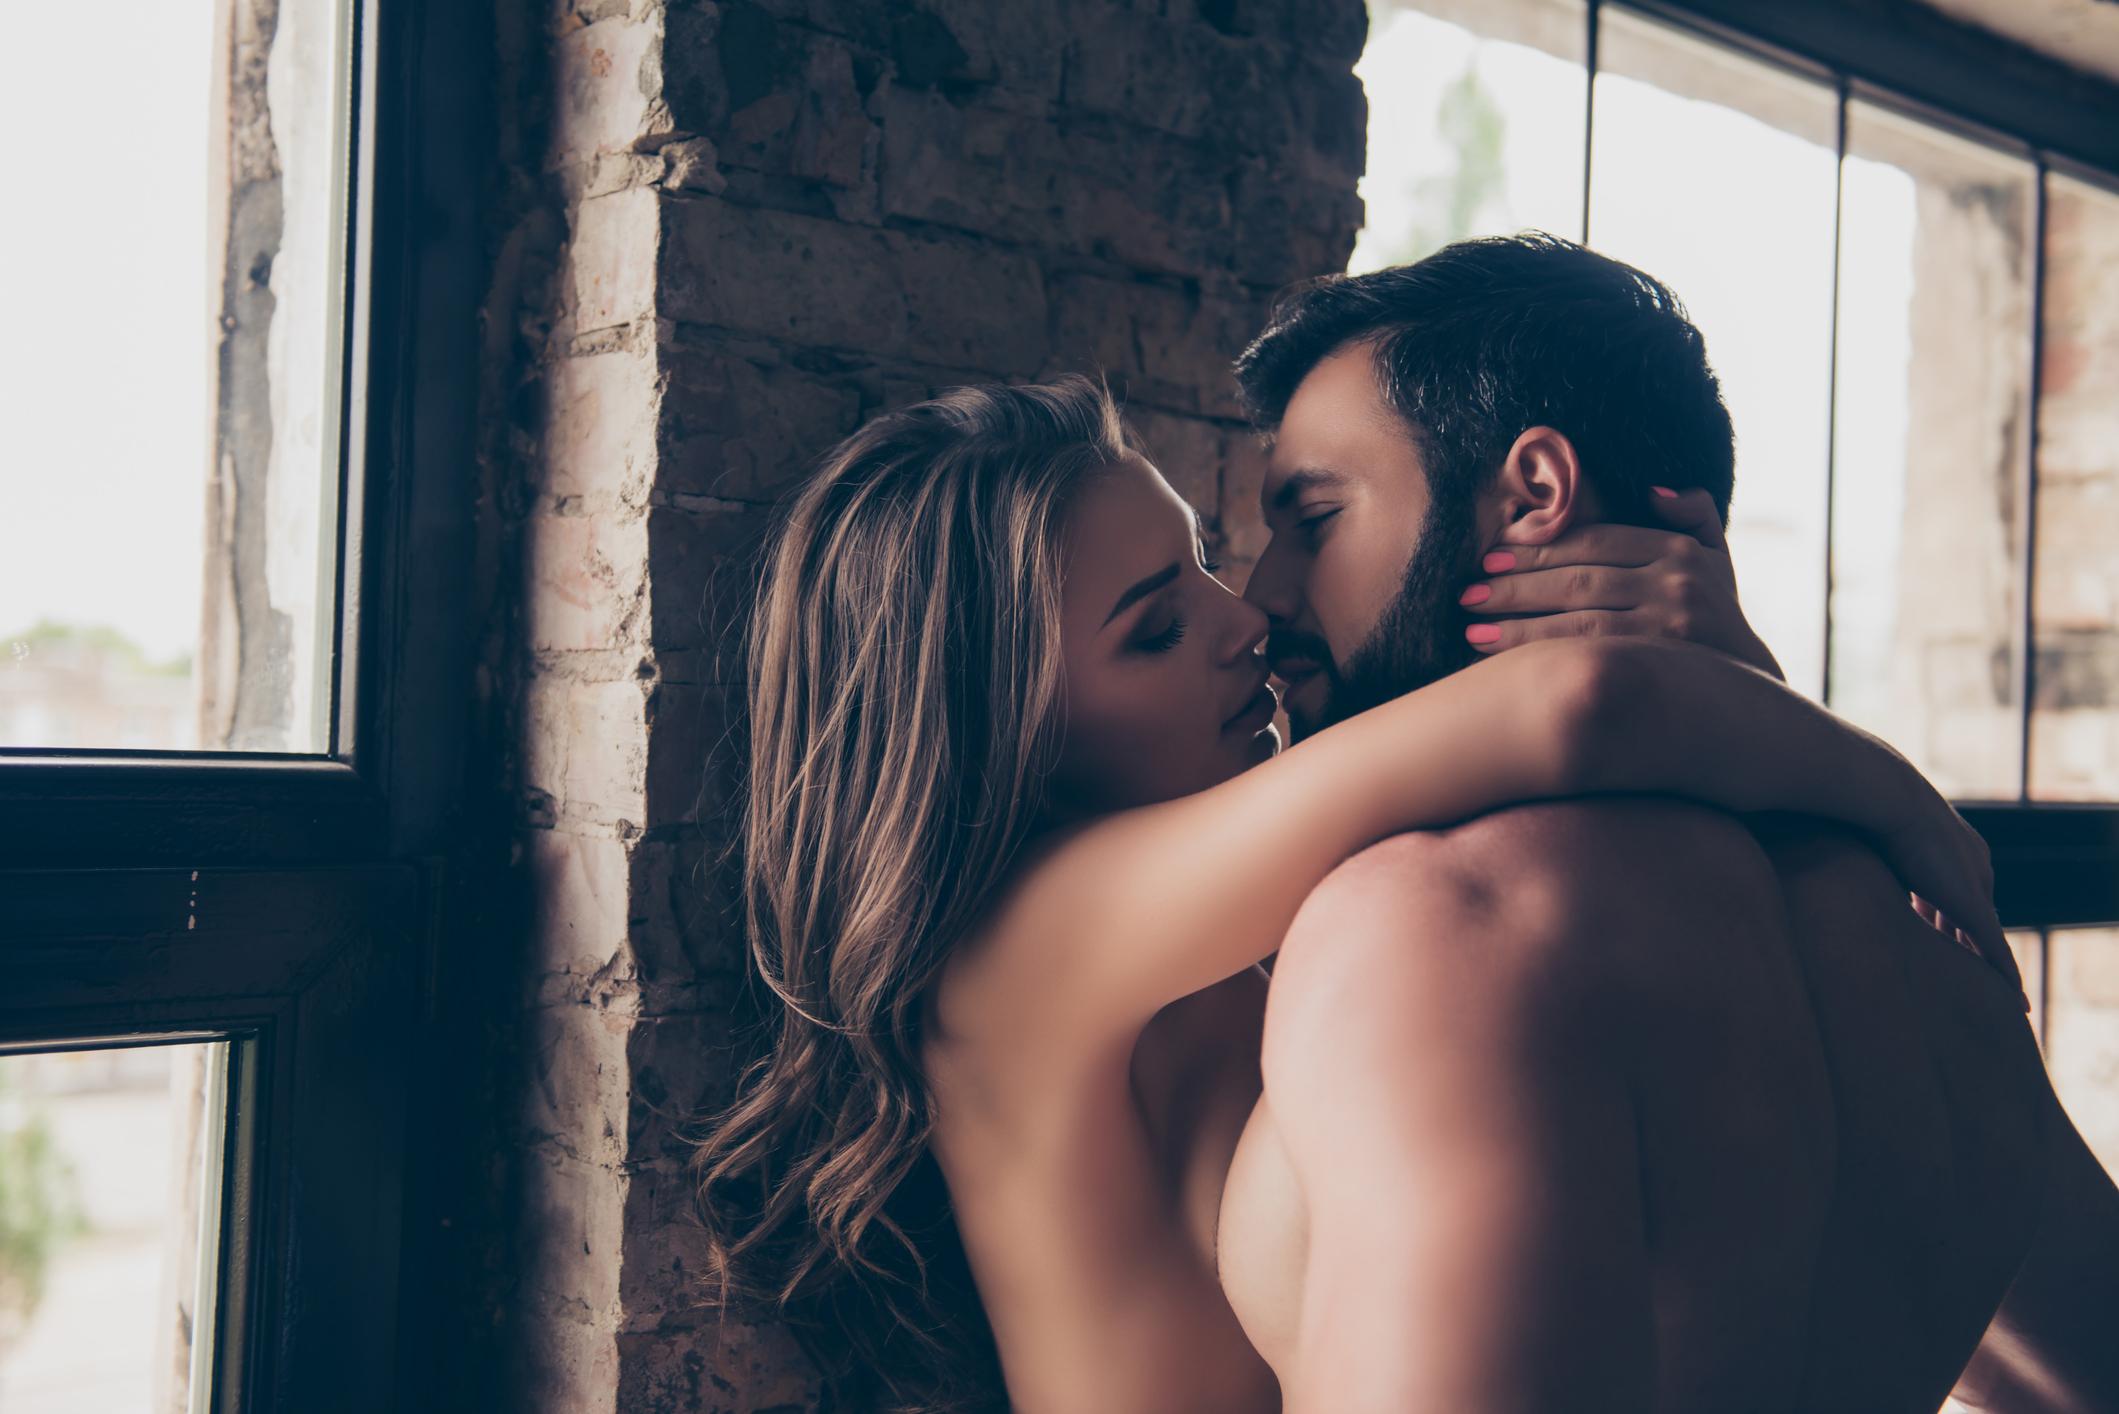 Od trenutka kada se žena uzbudi, pokreće se čitav niz stvari koje može prepoznati samo pažljivi ljubavnik.